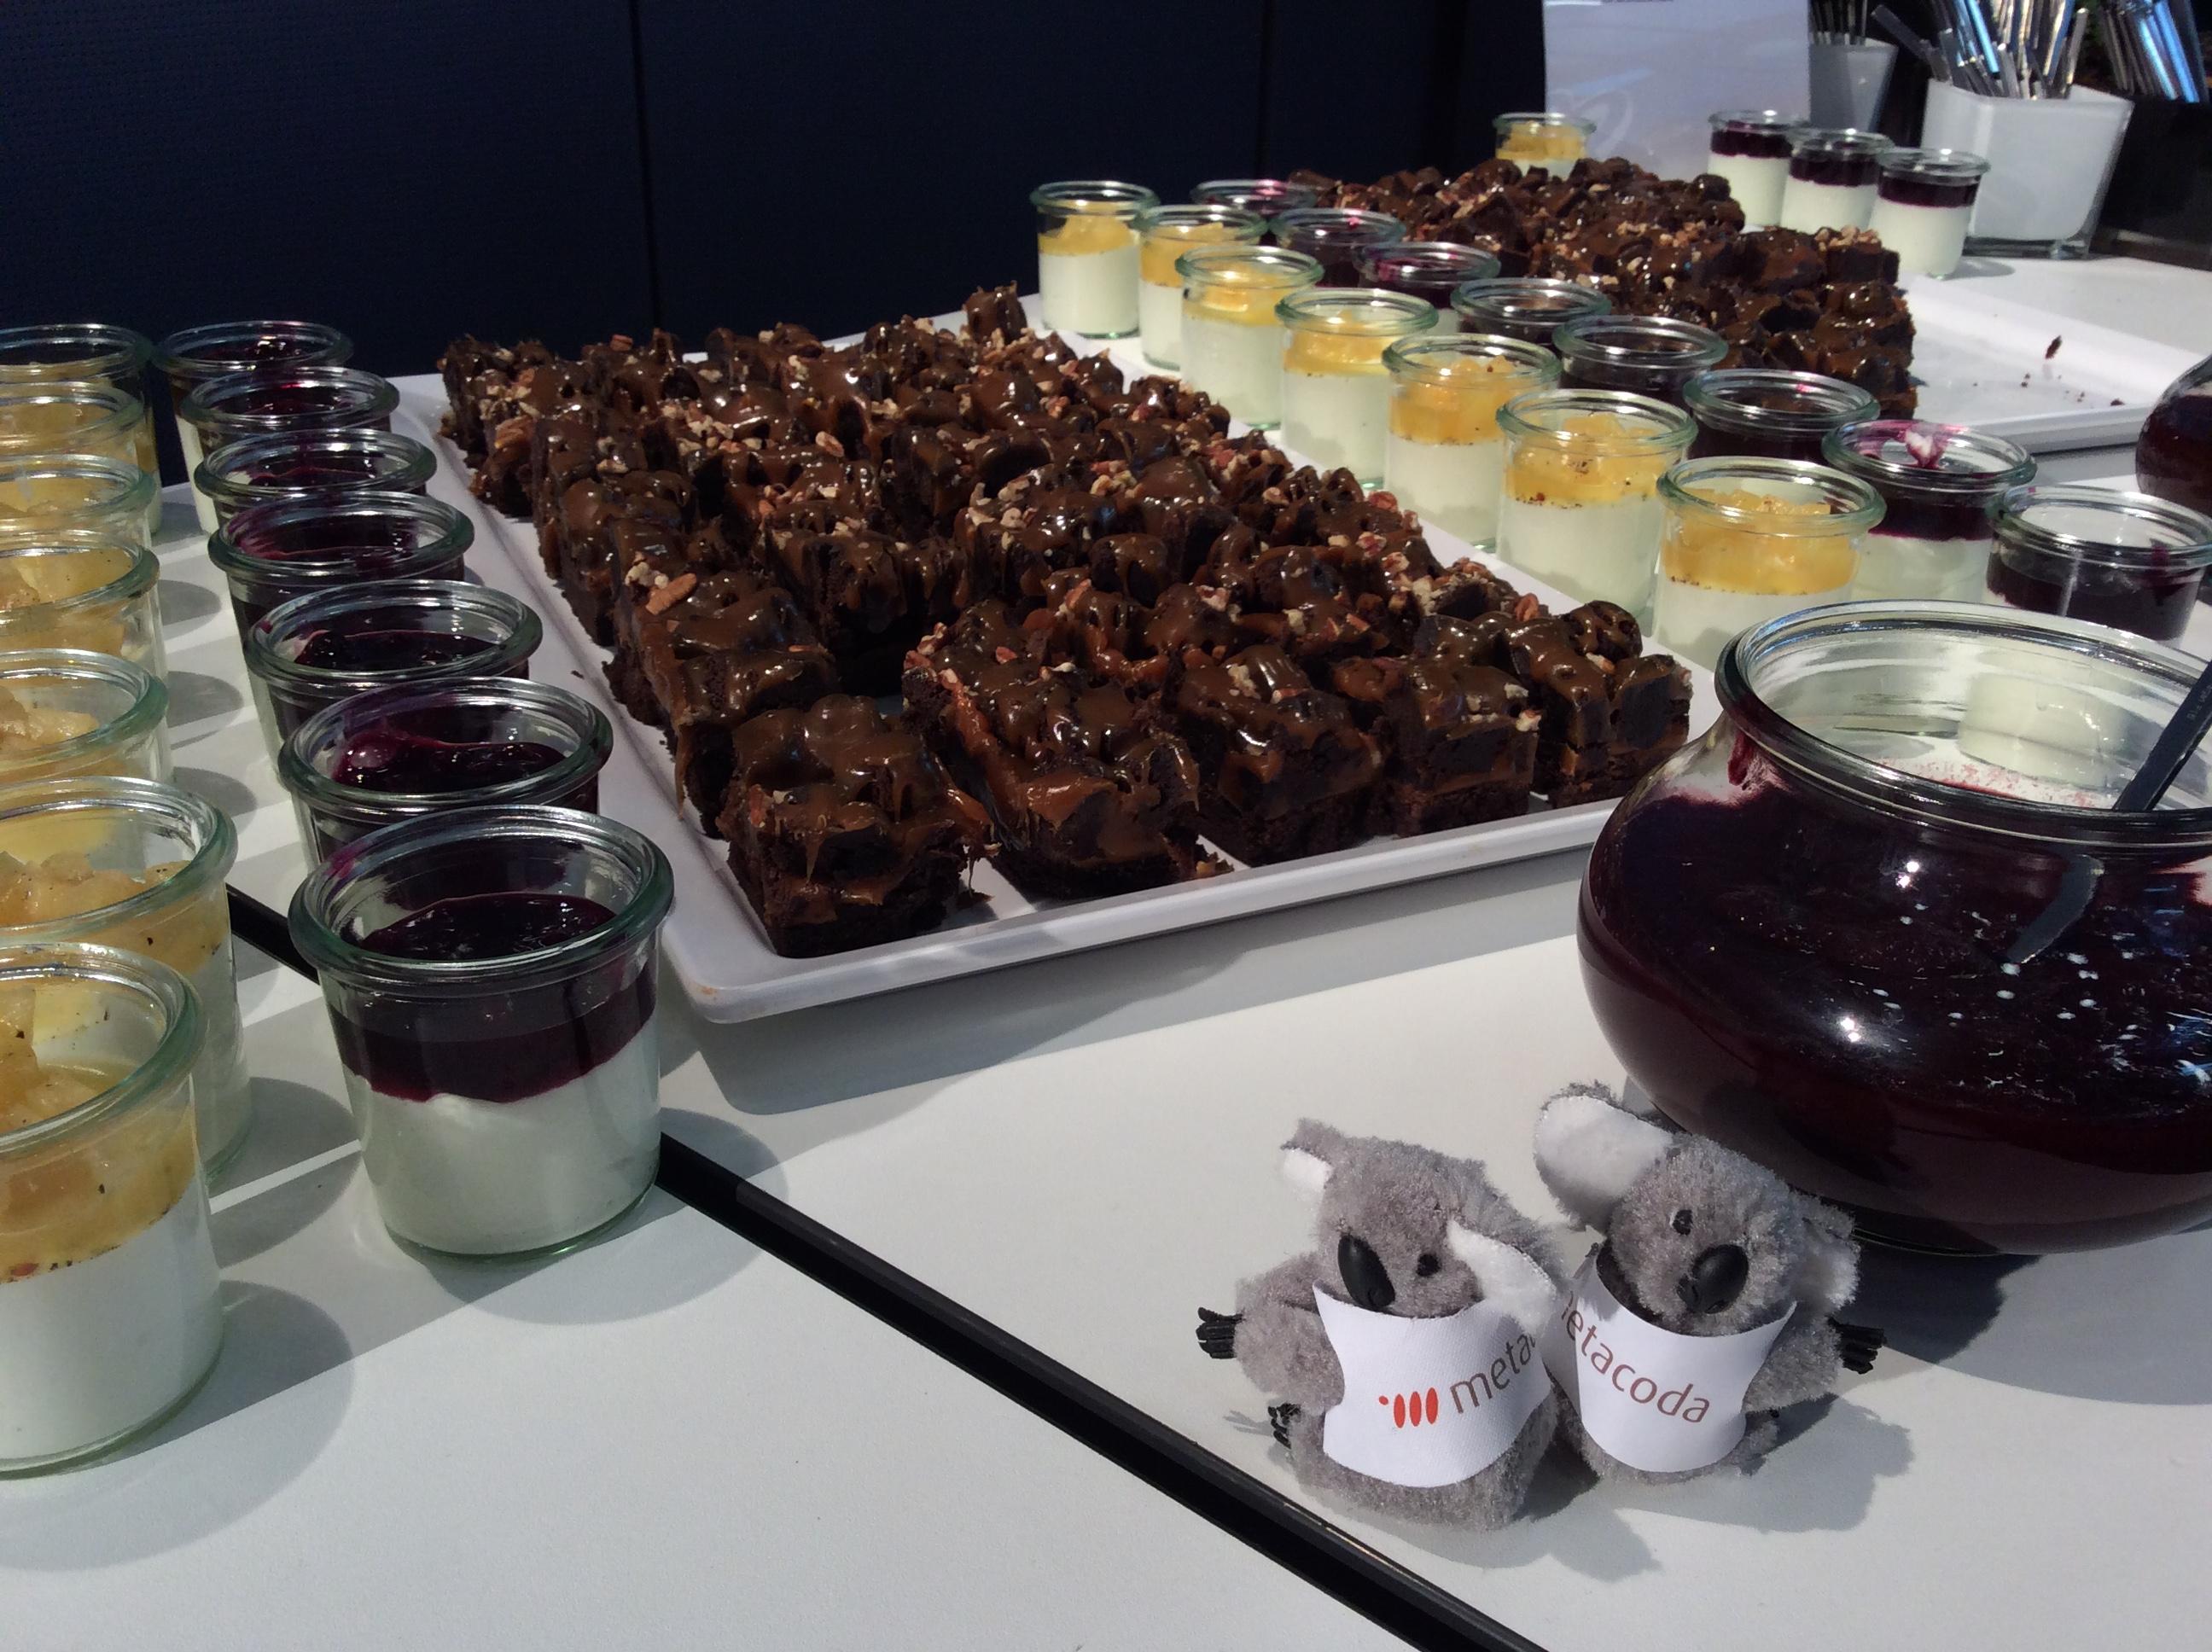 SAS Forum Deutschland (#SASF16) dessert!